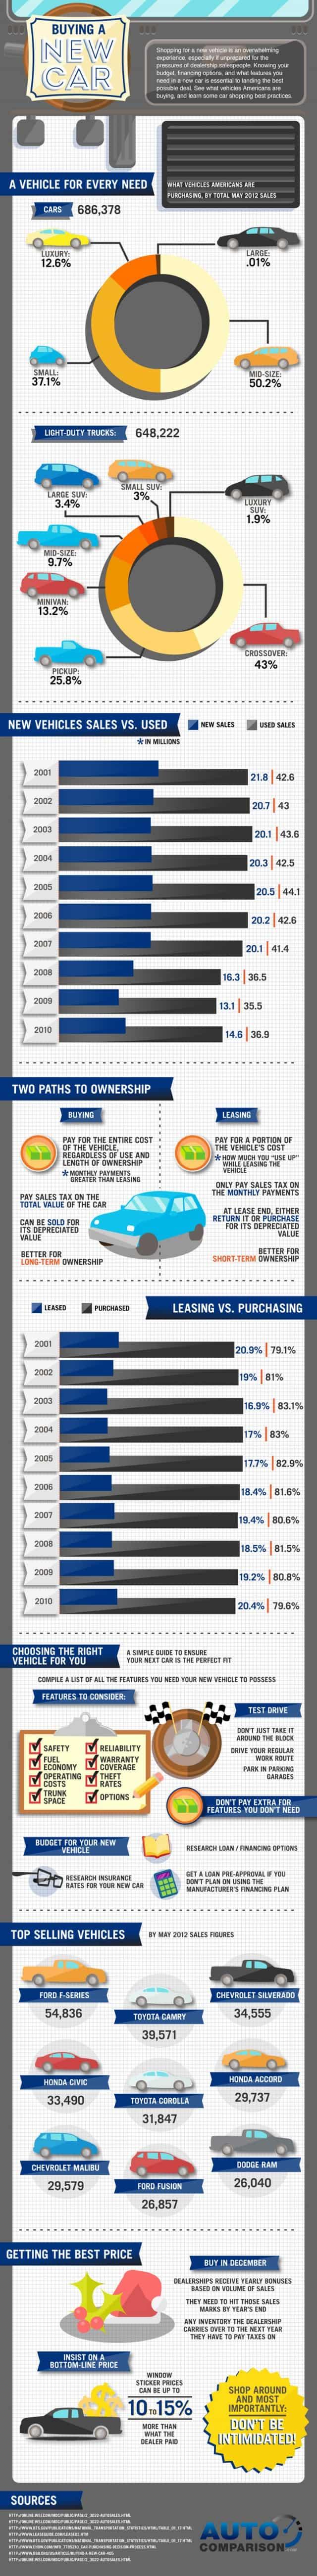 Deciding-To-Buy-A-New-Car